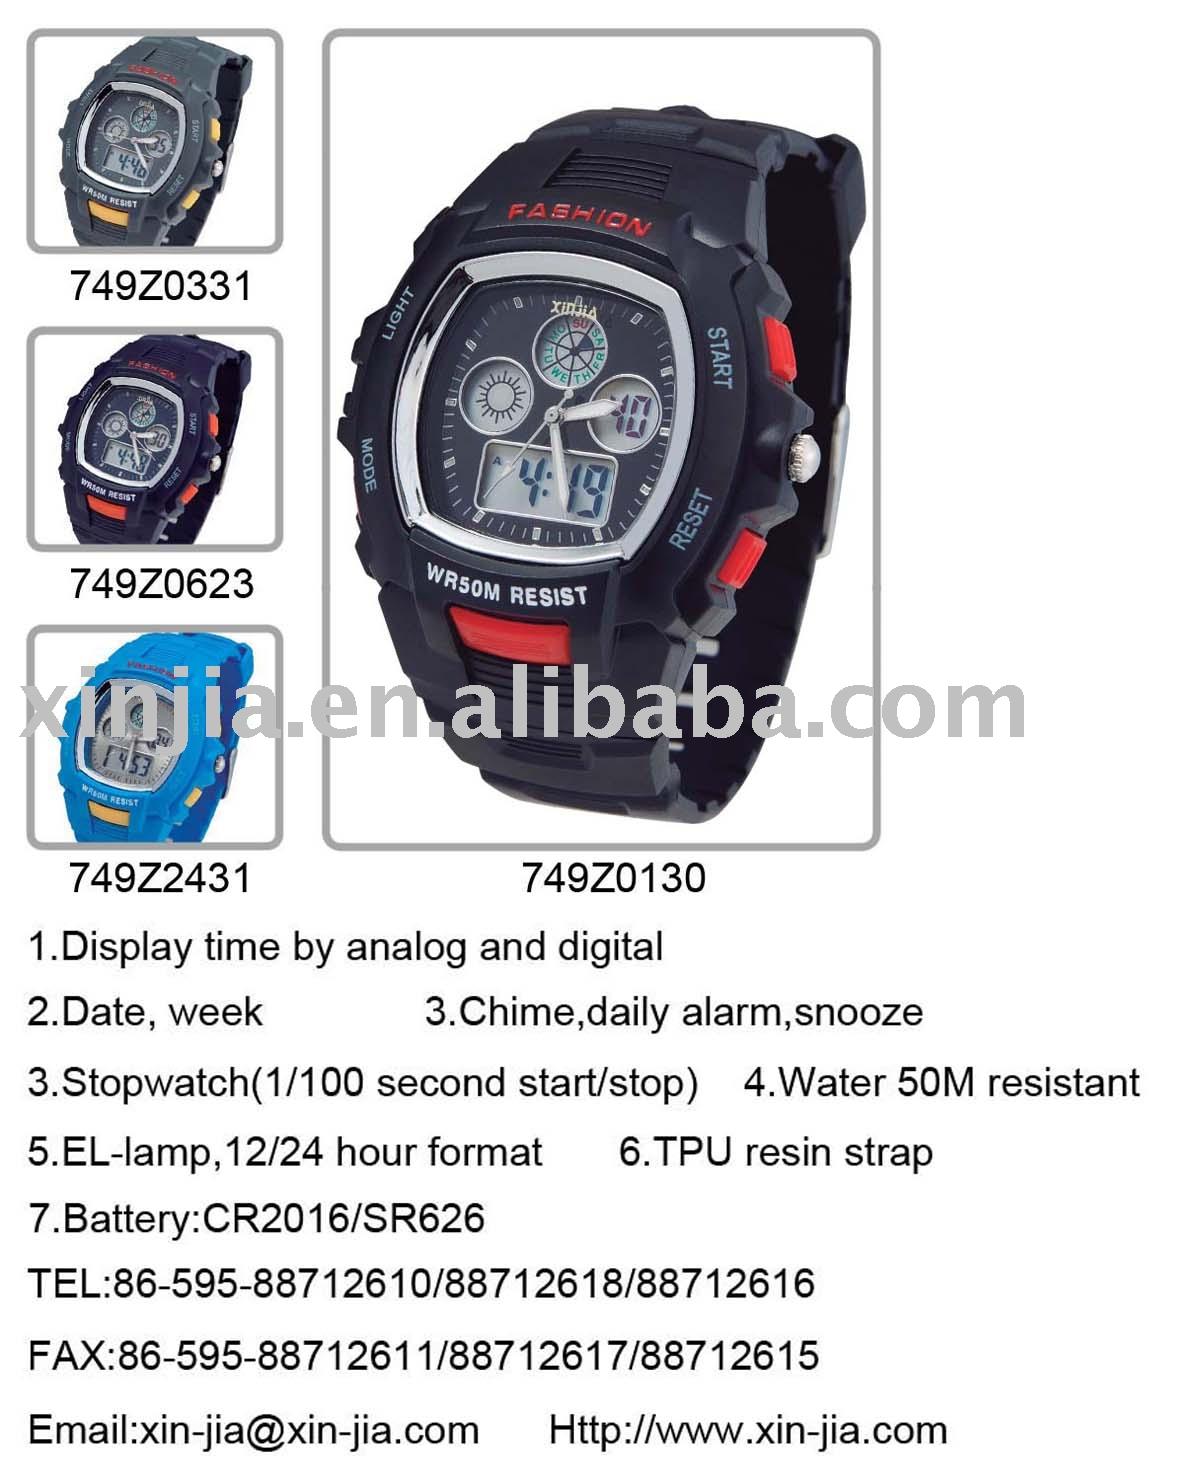 Analog-digital Watch Xj-749